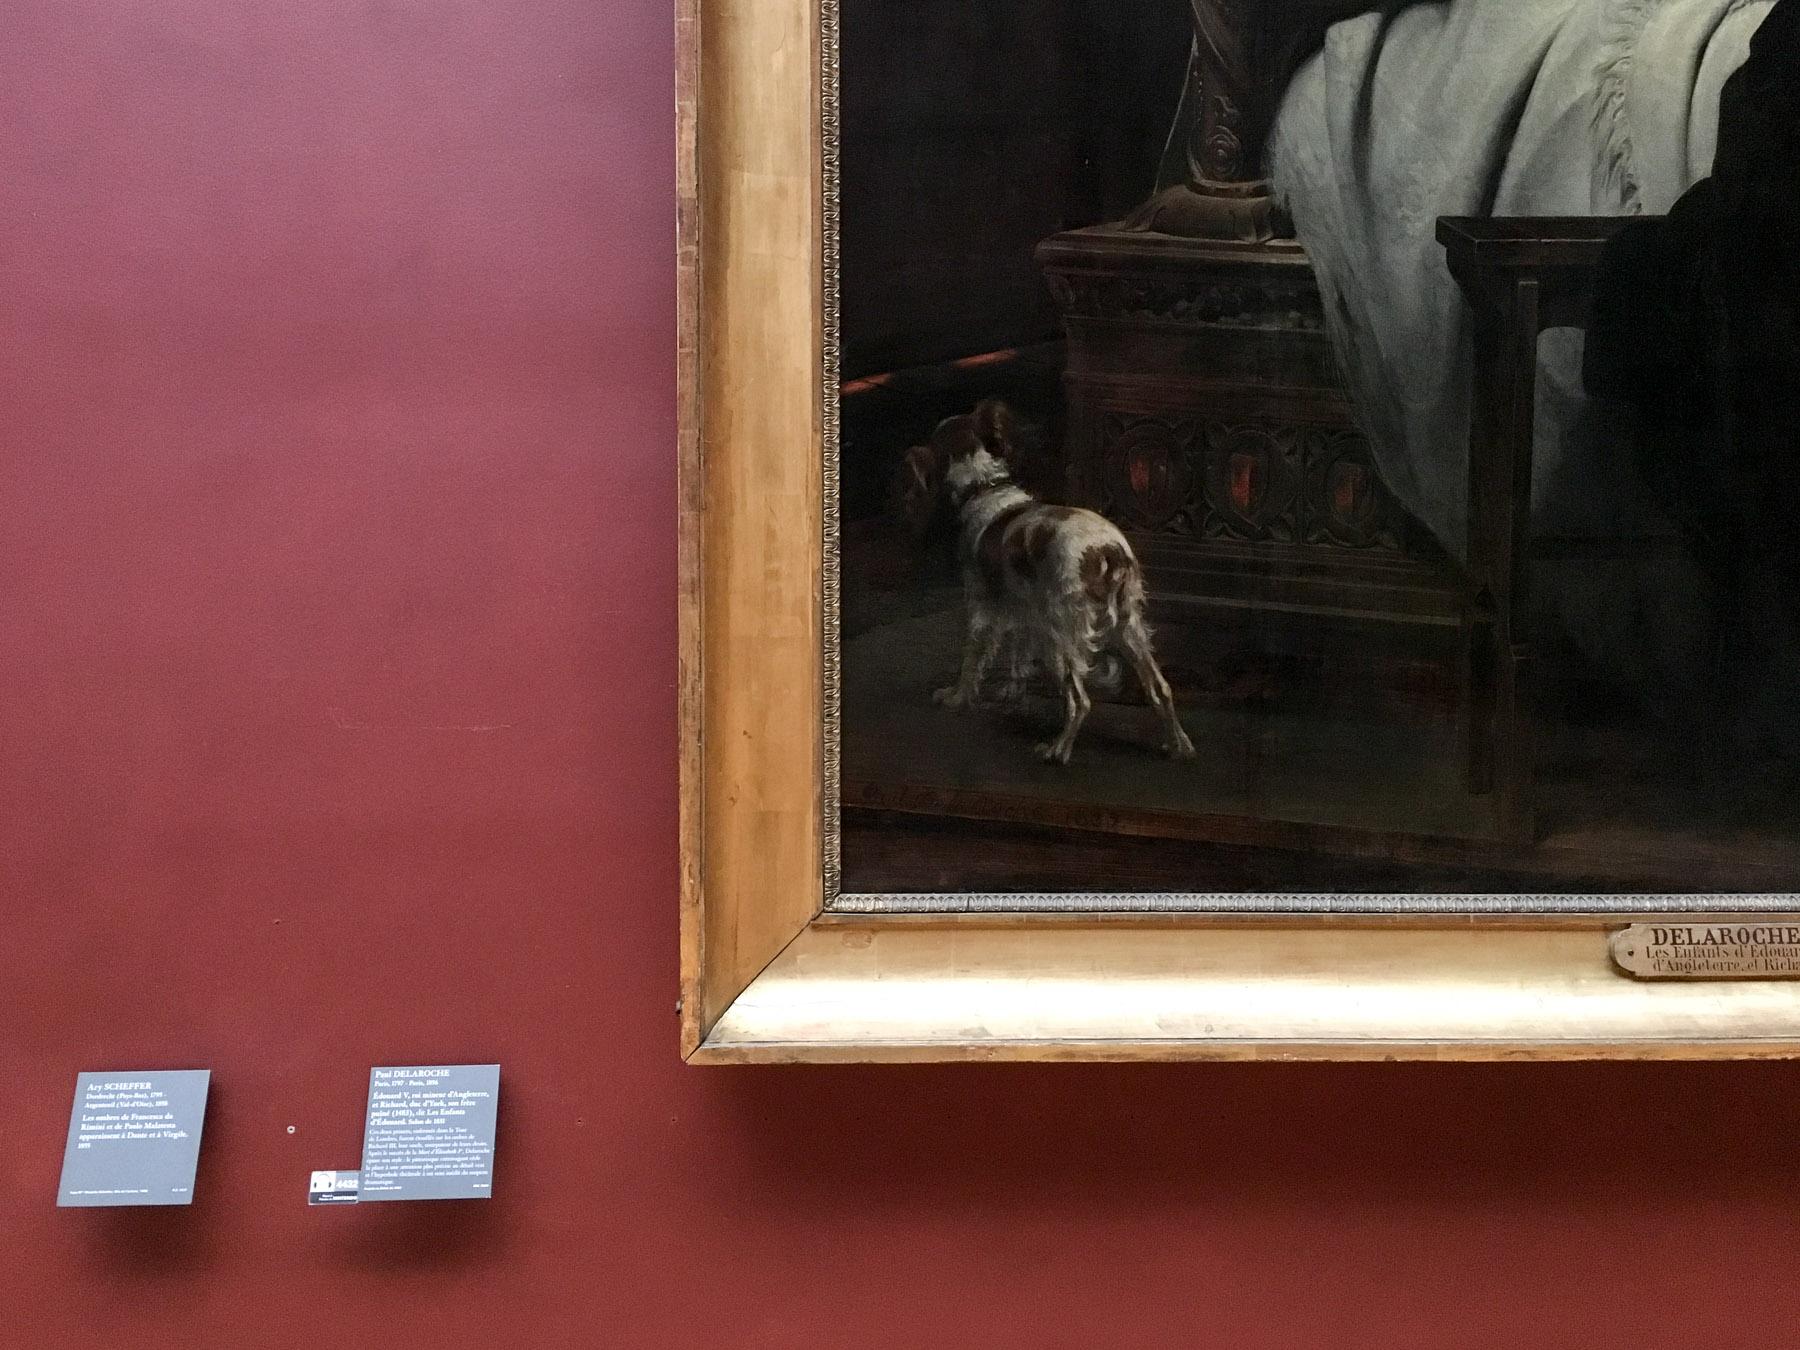 DAP - I like art with dogs - -8555.jpg